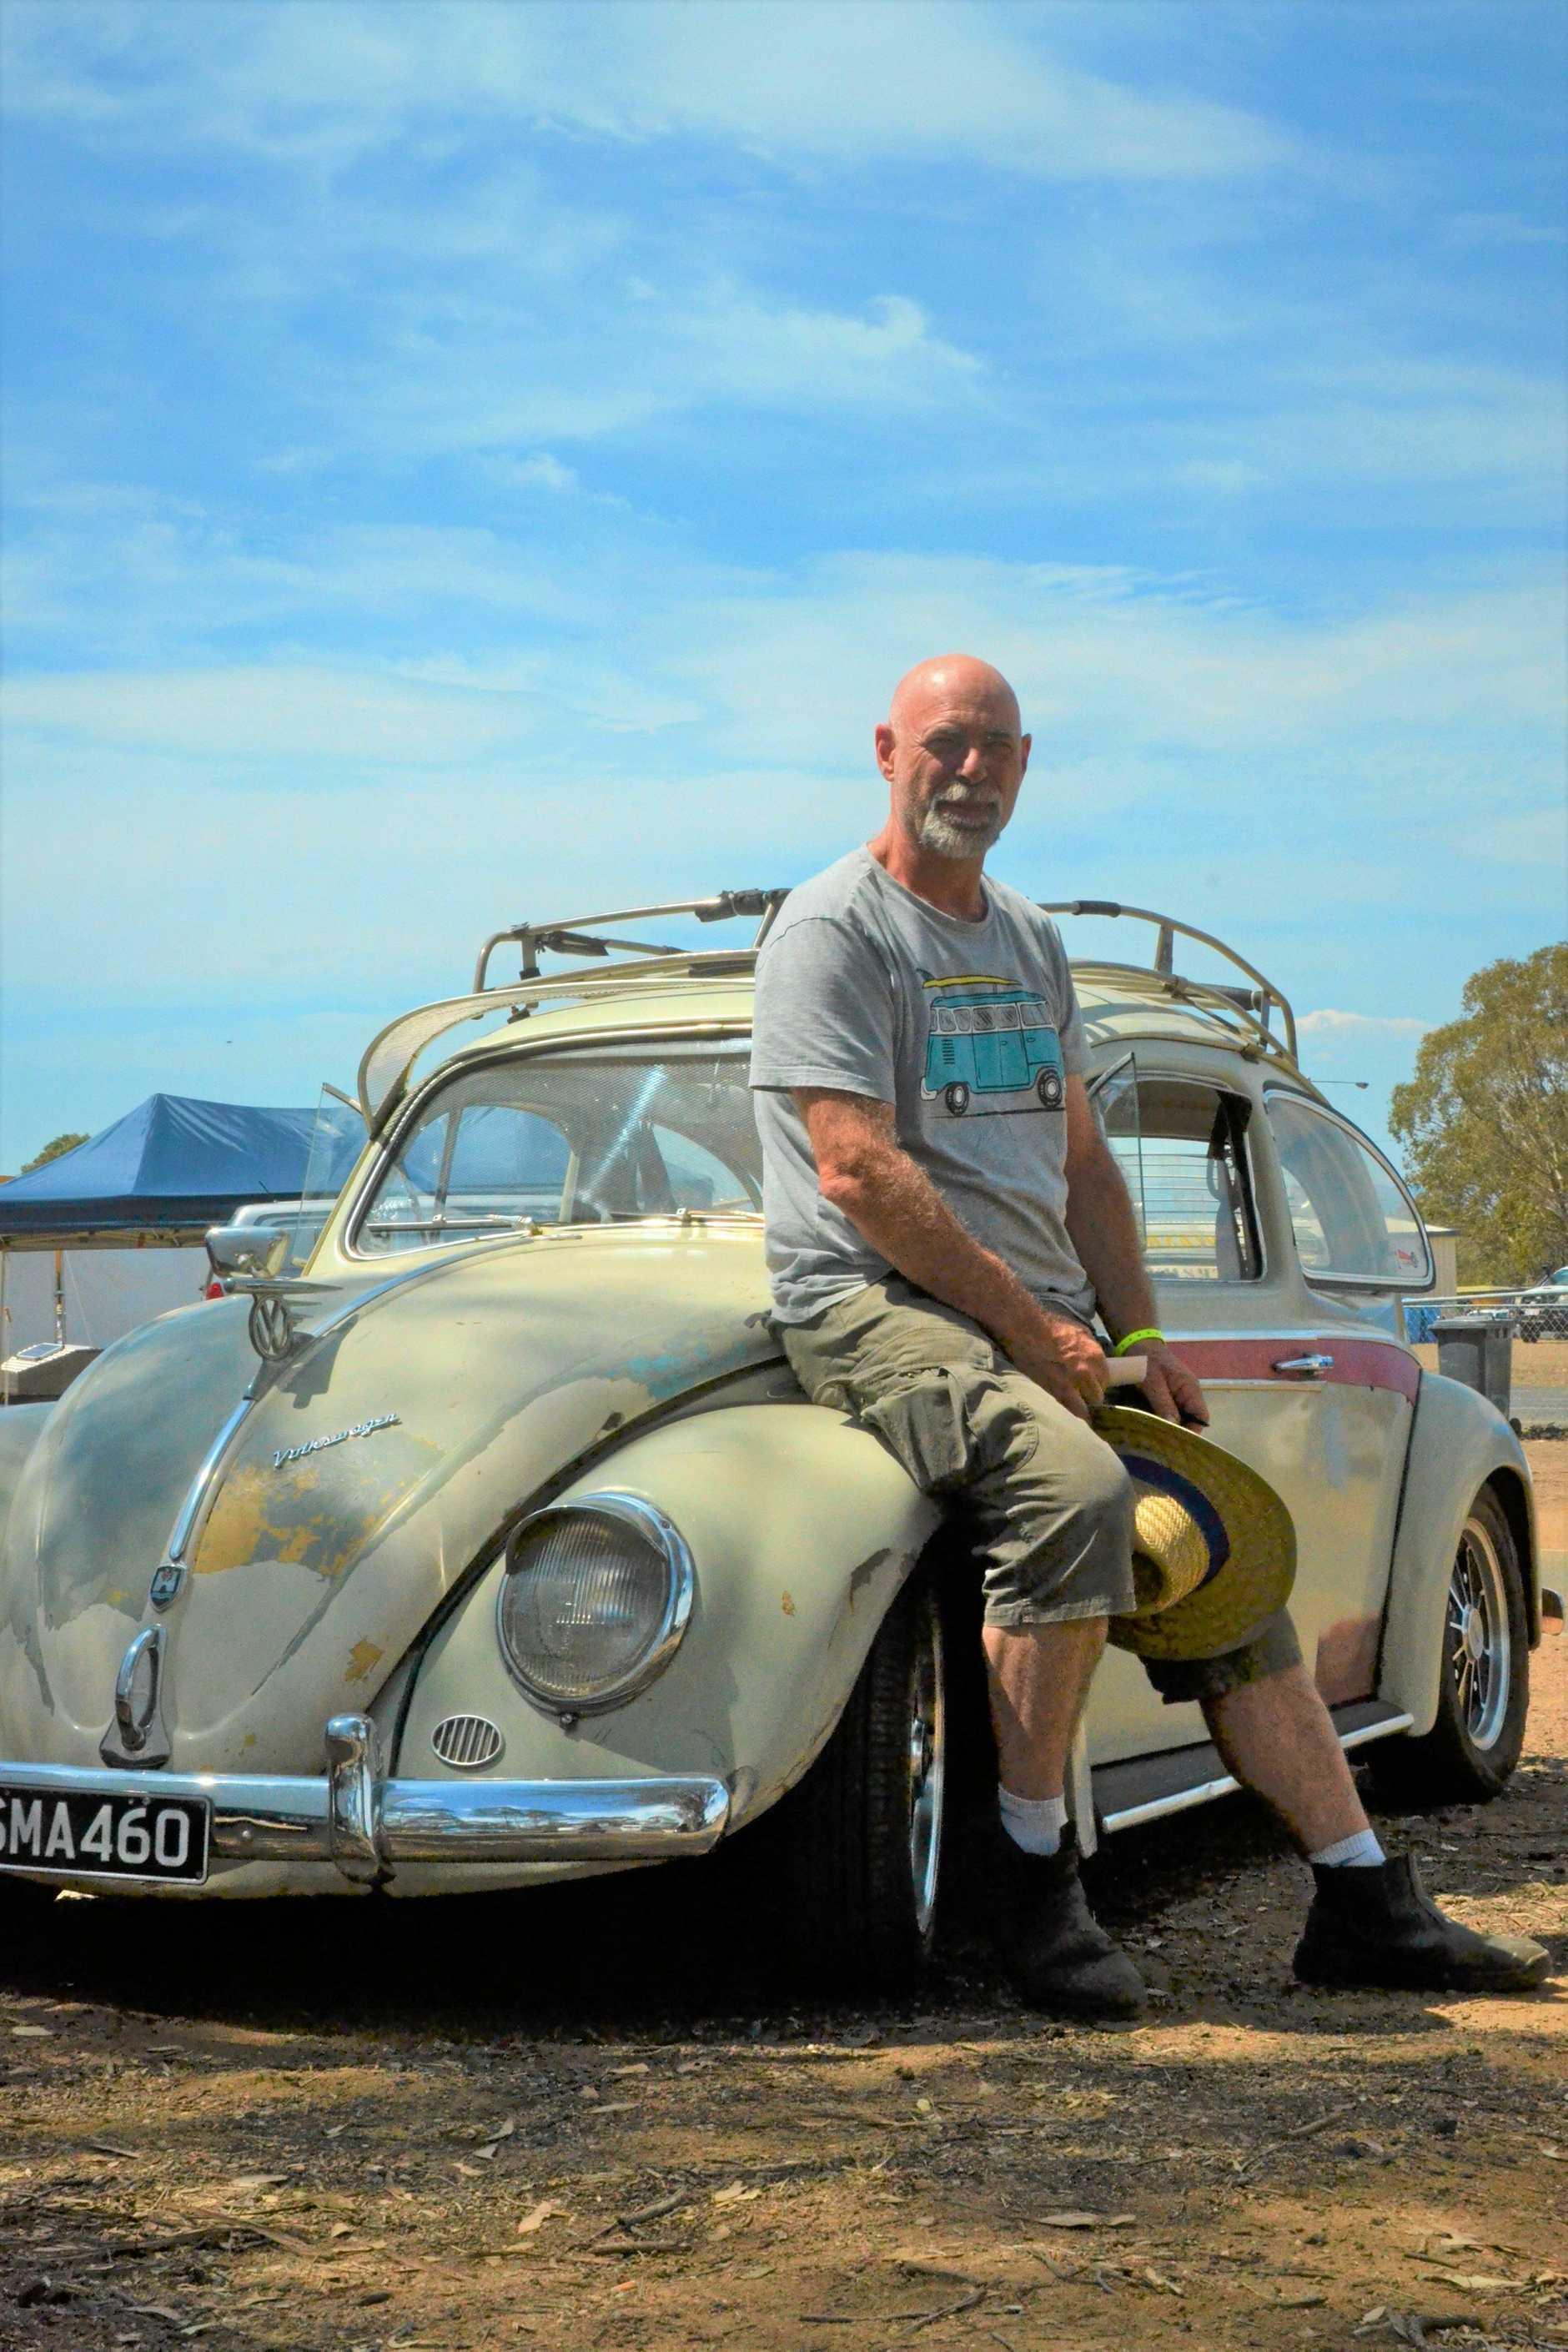 Lou Guebara with his VW Beetle at Morgan Park Dragway 2019